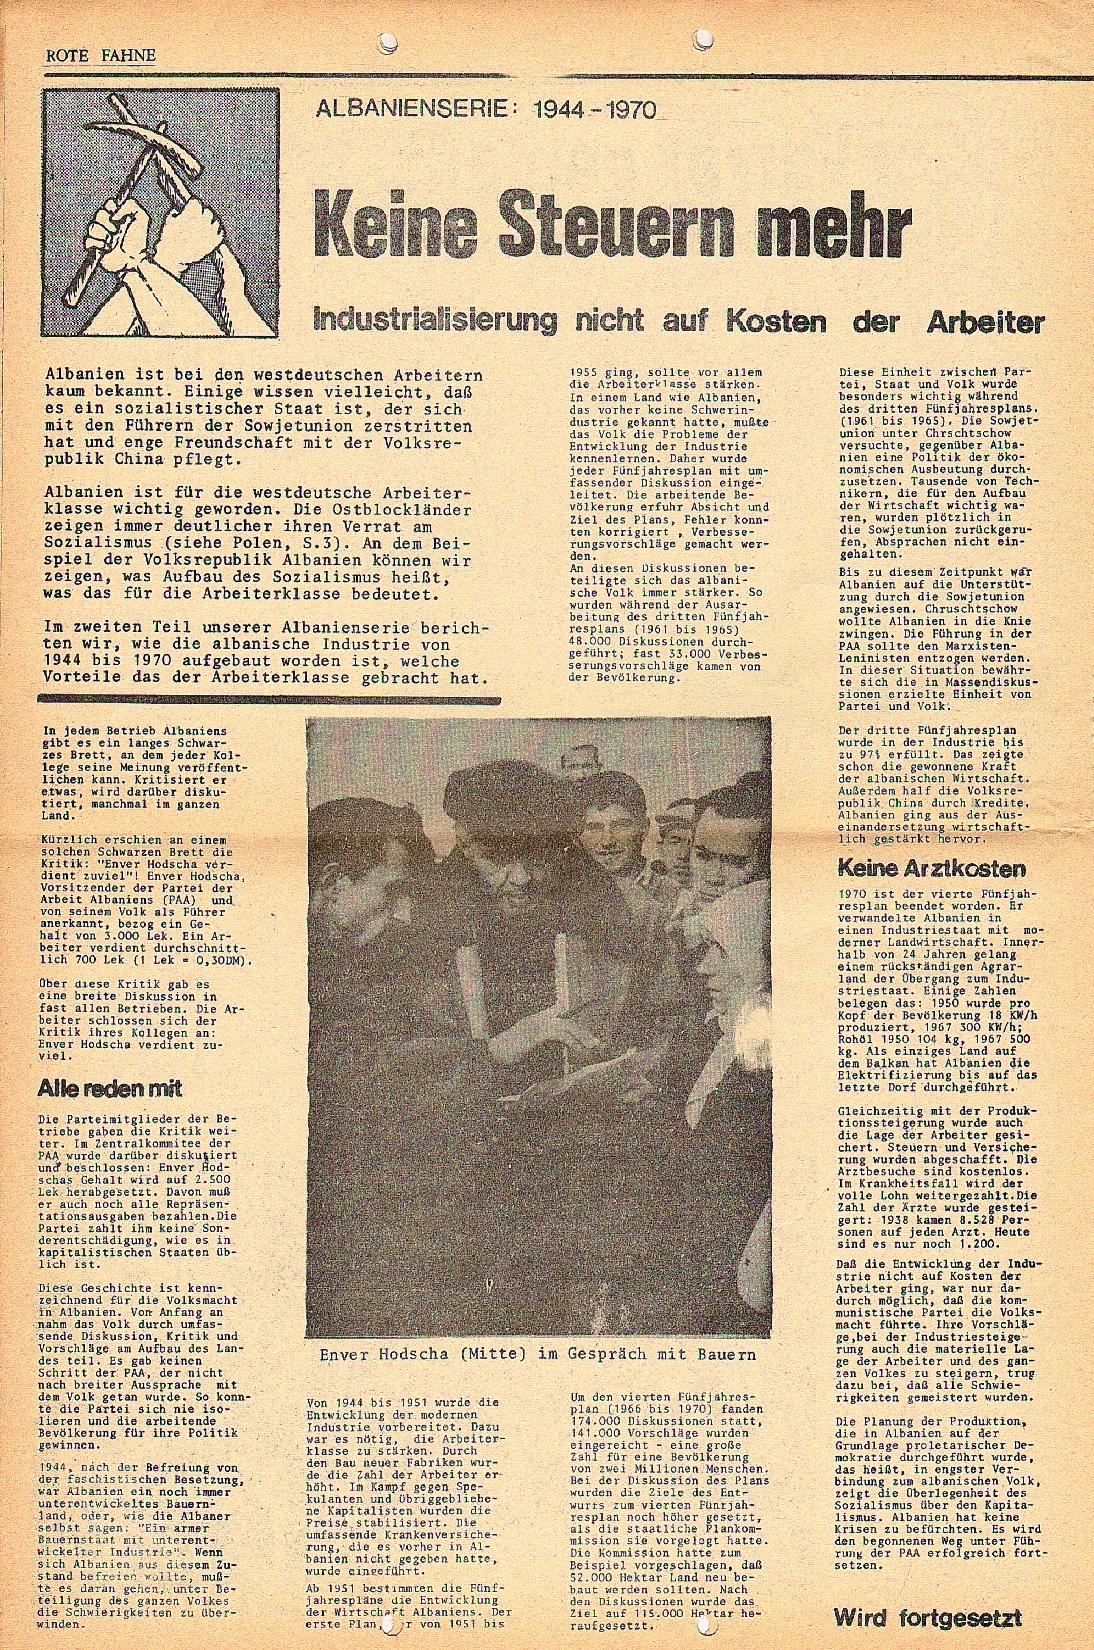 Rote Fahne, 2. Jg., 18.1.1971, Nr. 1, Seite 6